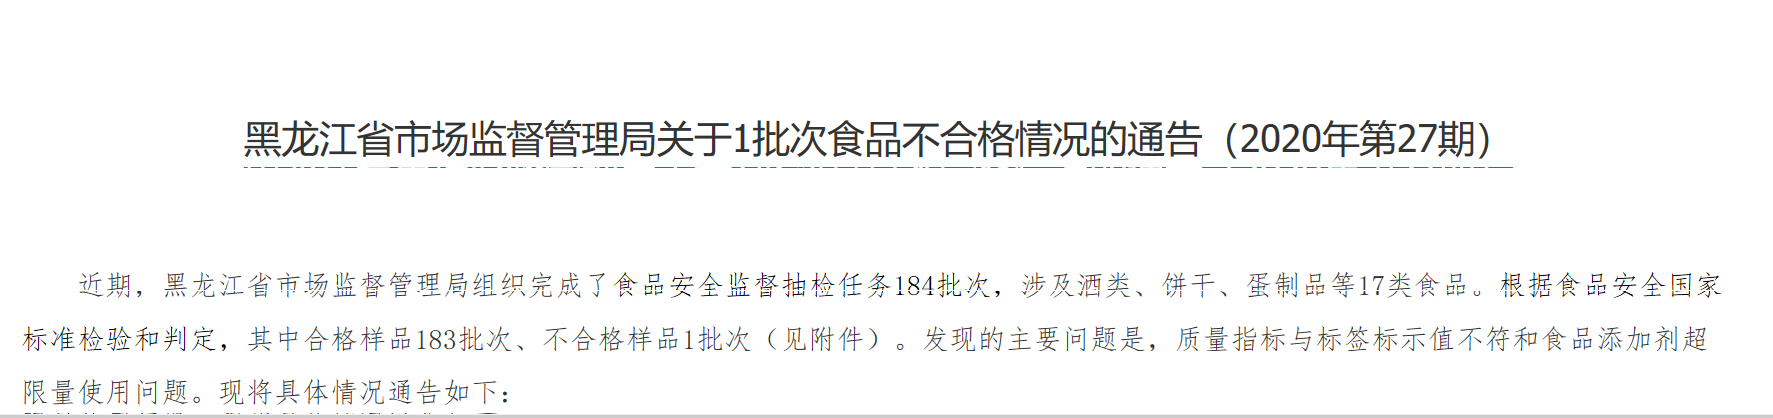 黑龙江省市场监管局公布食用油、油脂及其制品监督抽检合格产品信息